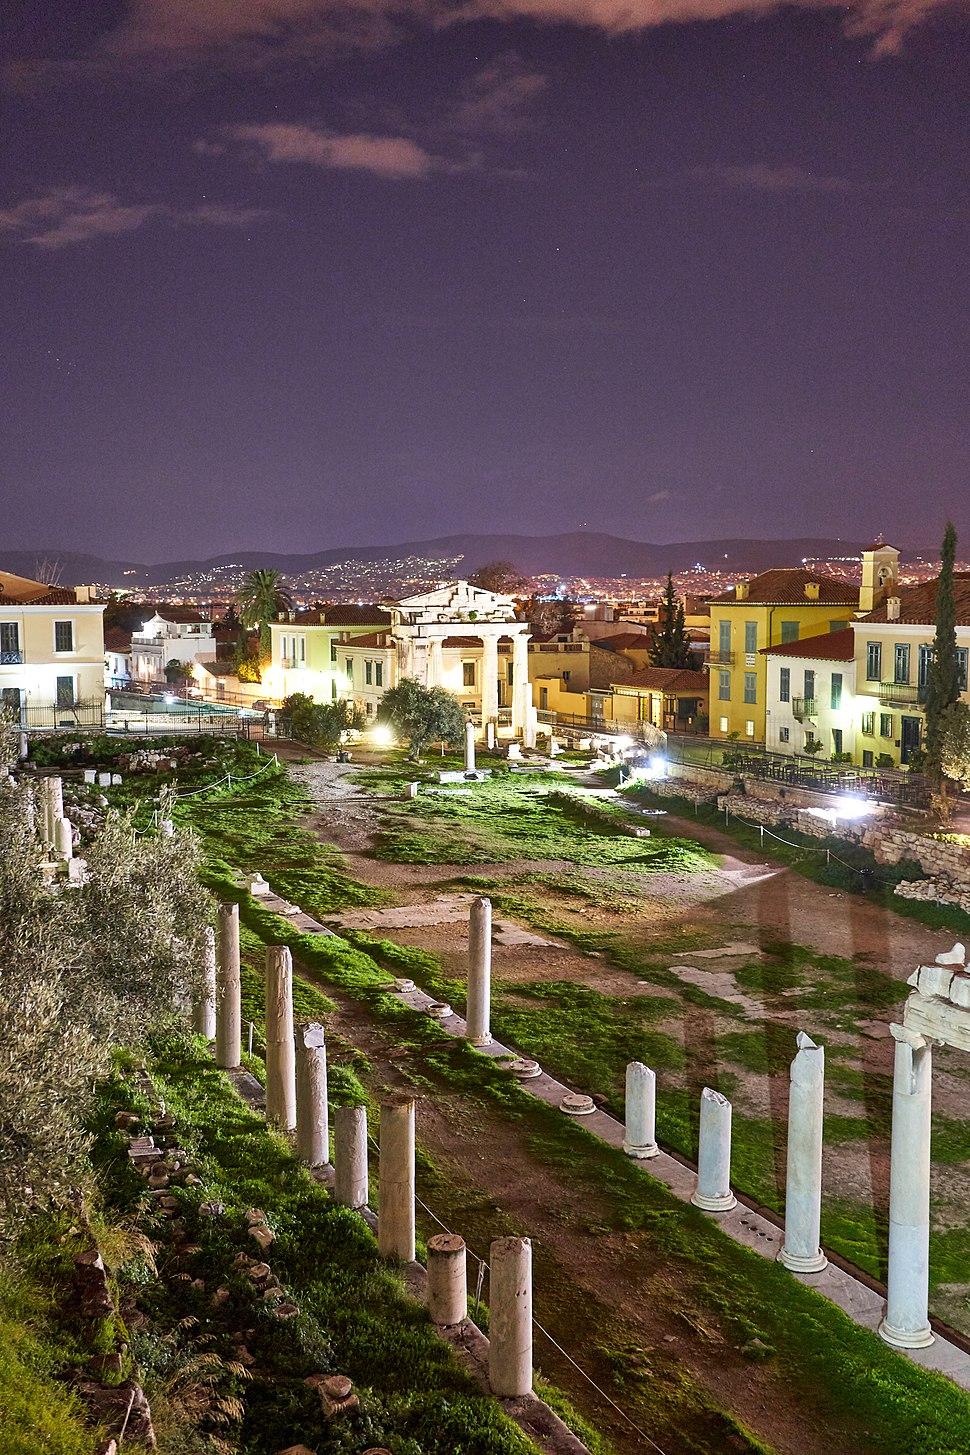 The Roman Agora of Athens with the Gate of Athena Arhegetis